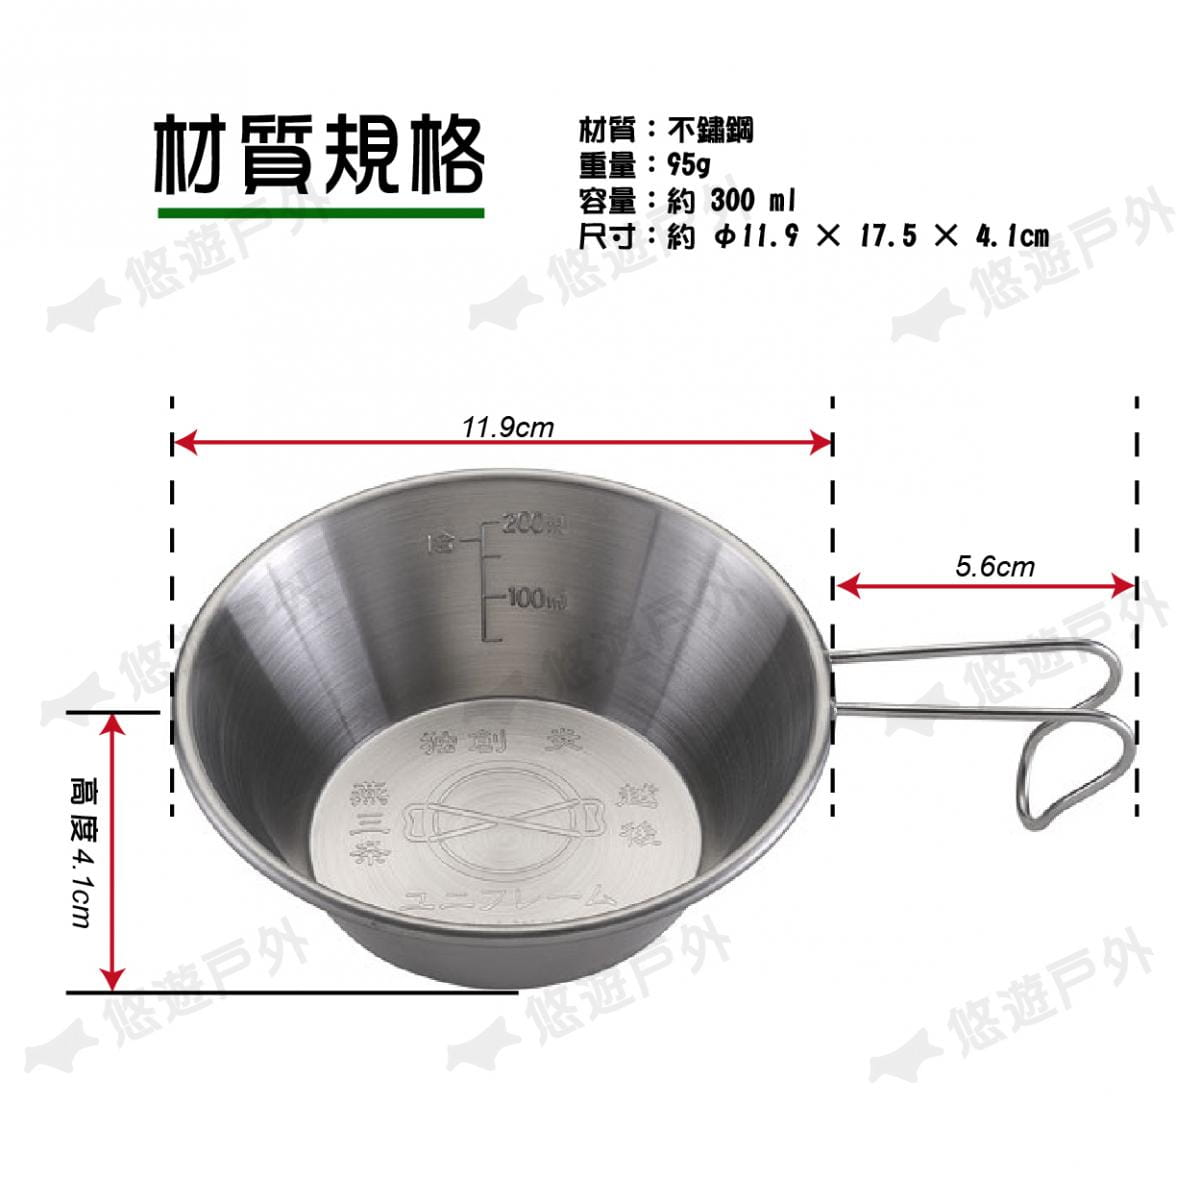 【UNIFLAME】U668122 日本 燕三條不鏽鋼提耳碗300ml 燕三條製 不銹鋼 提耳碗 3